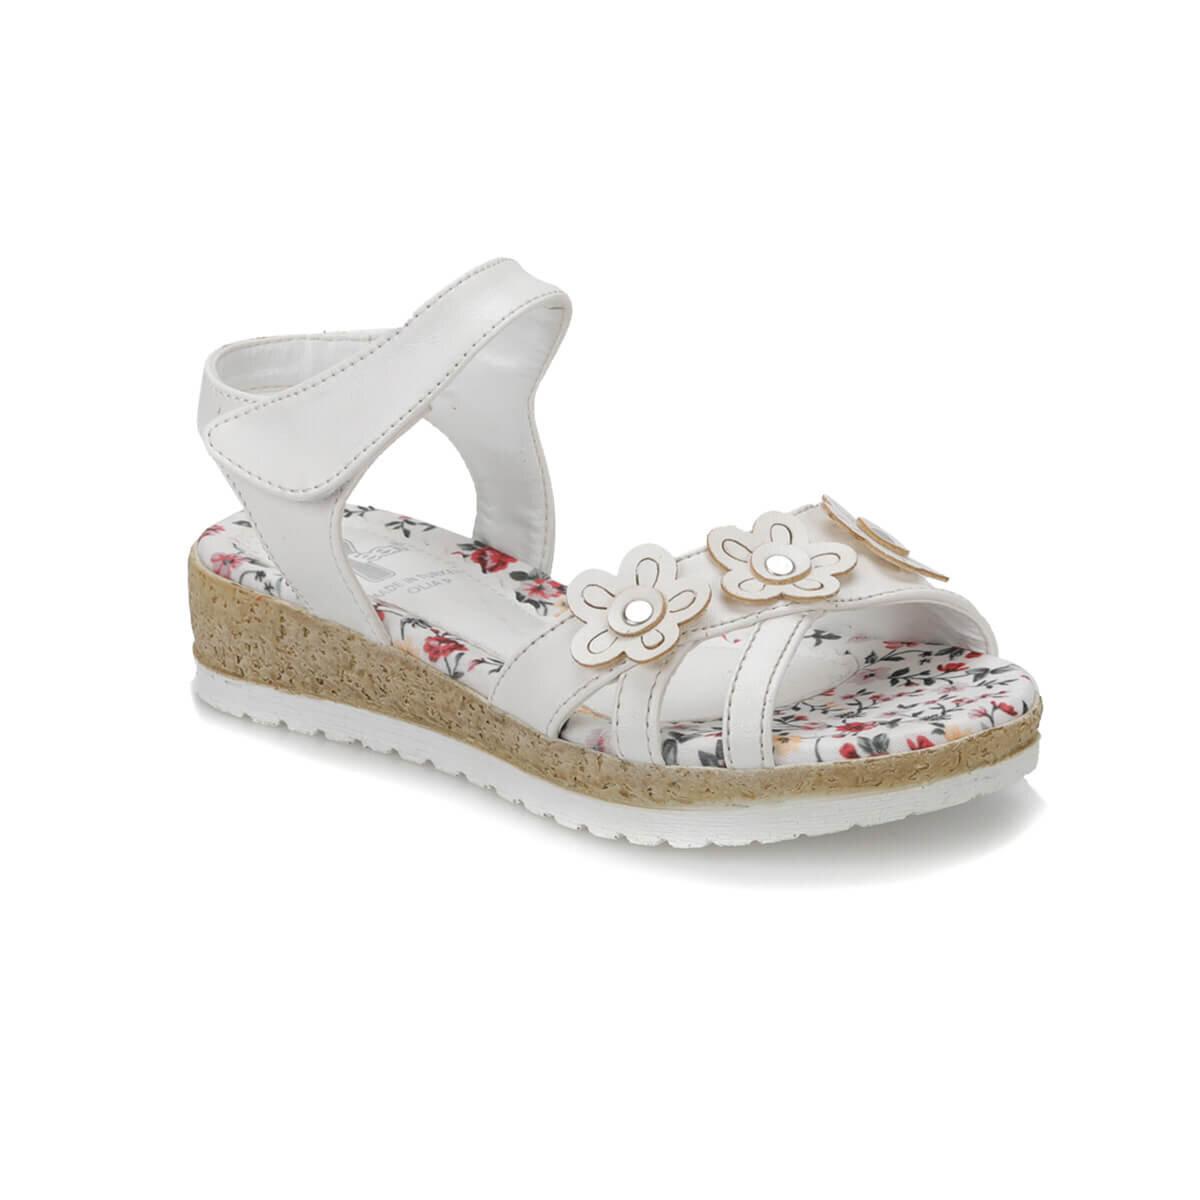 BEYAZ Kız Çocuk Basic Casual Ayakkabı OLIA P